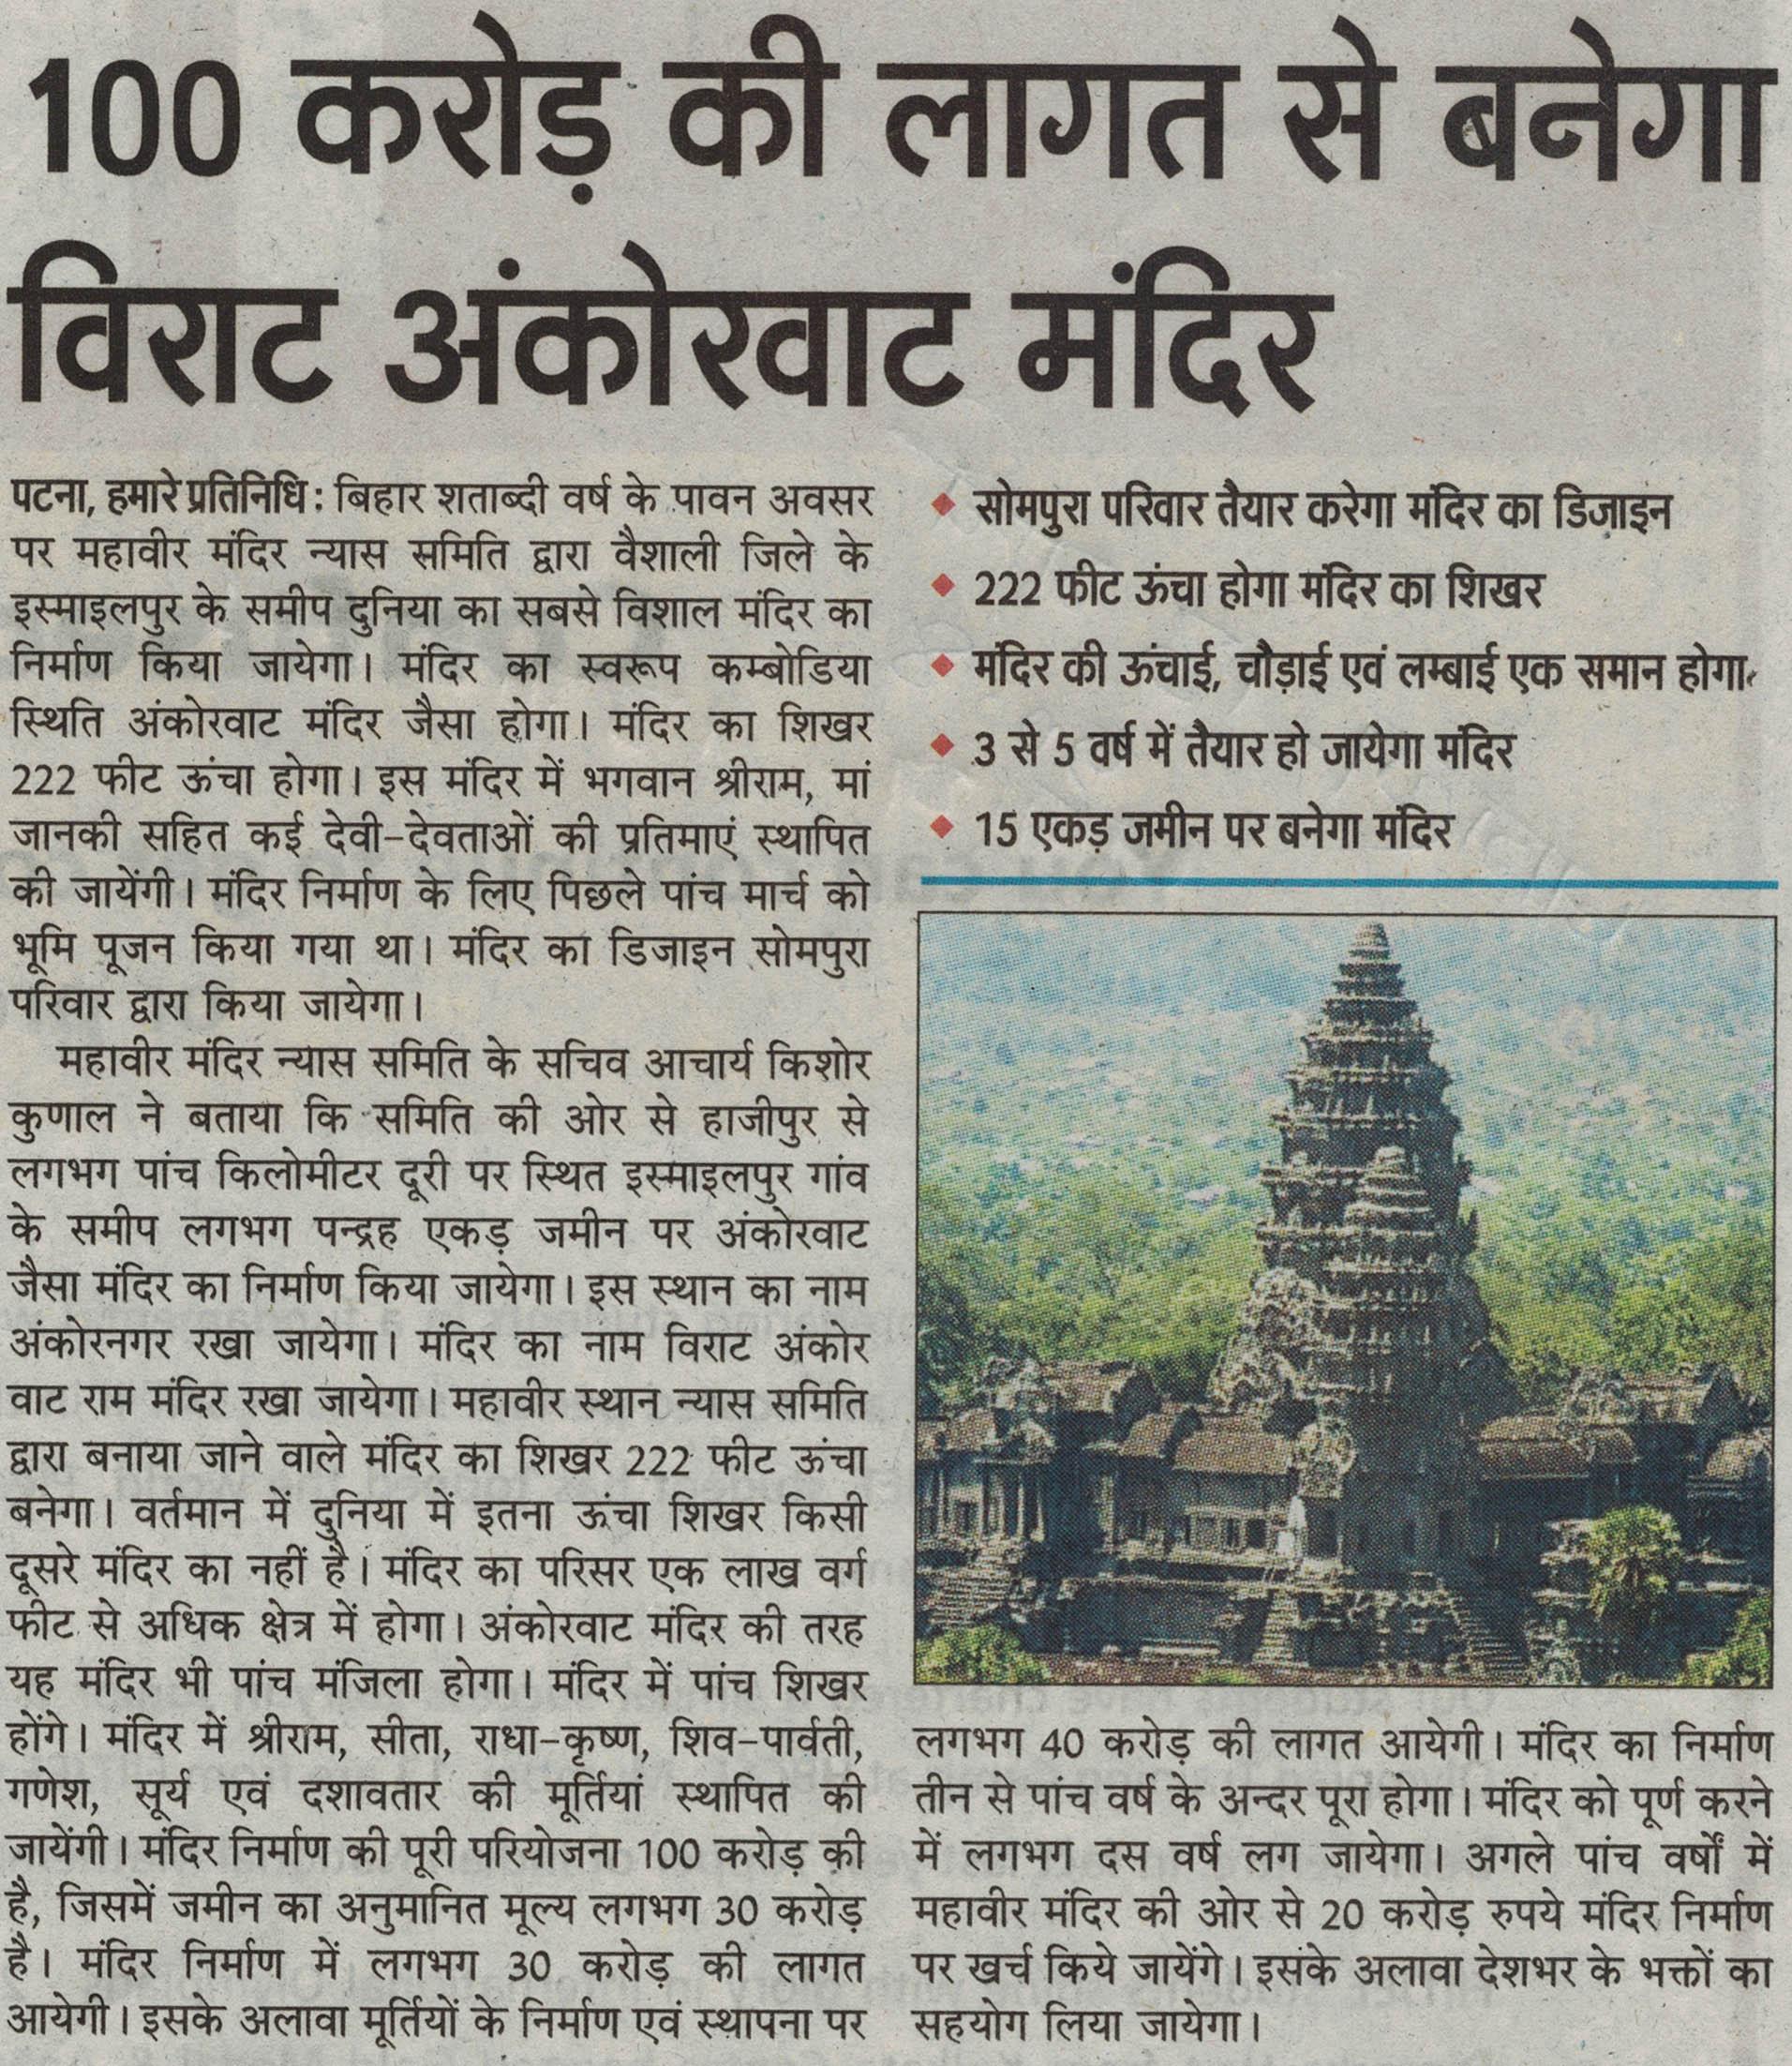 jagran-13-03-2012-jpg-page-8